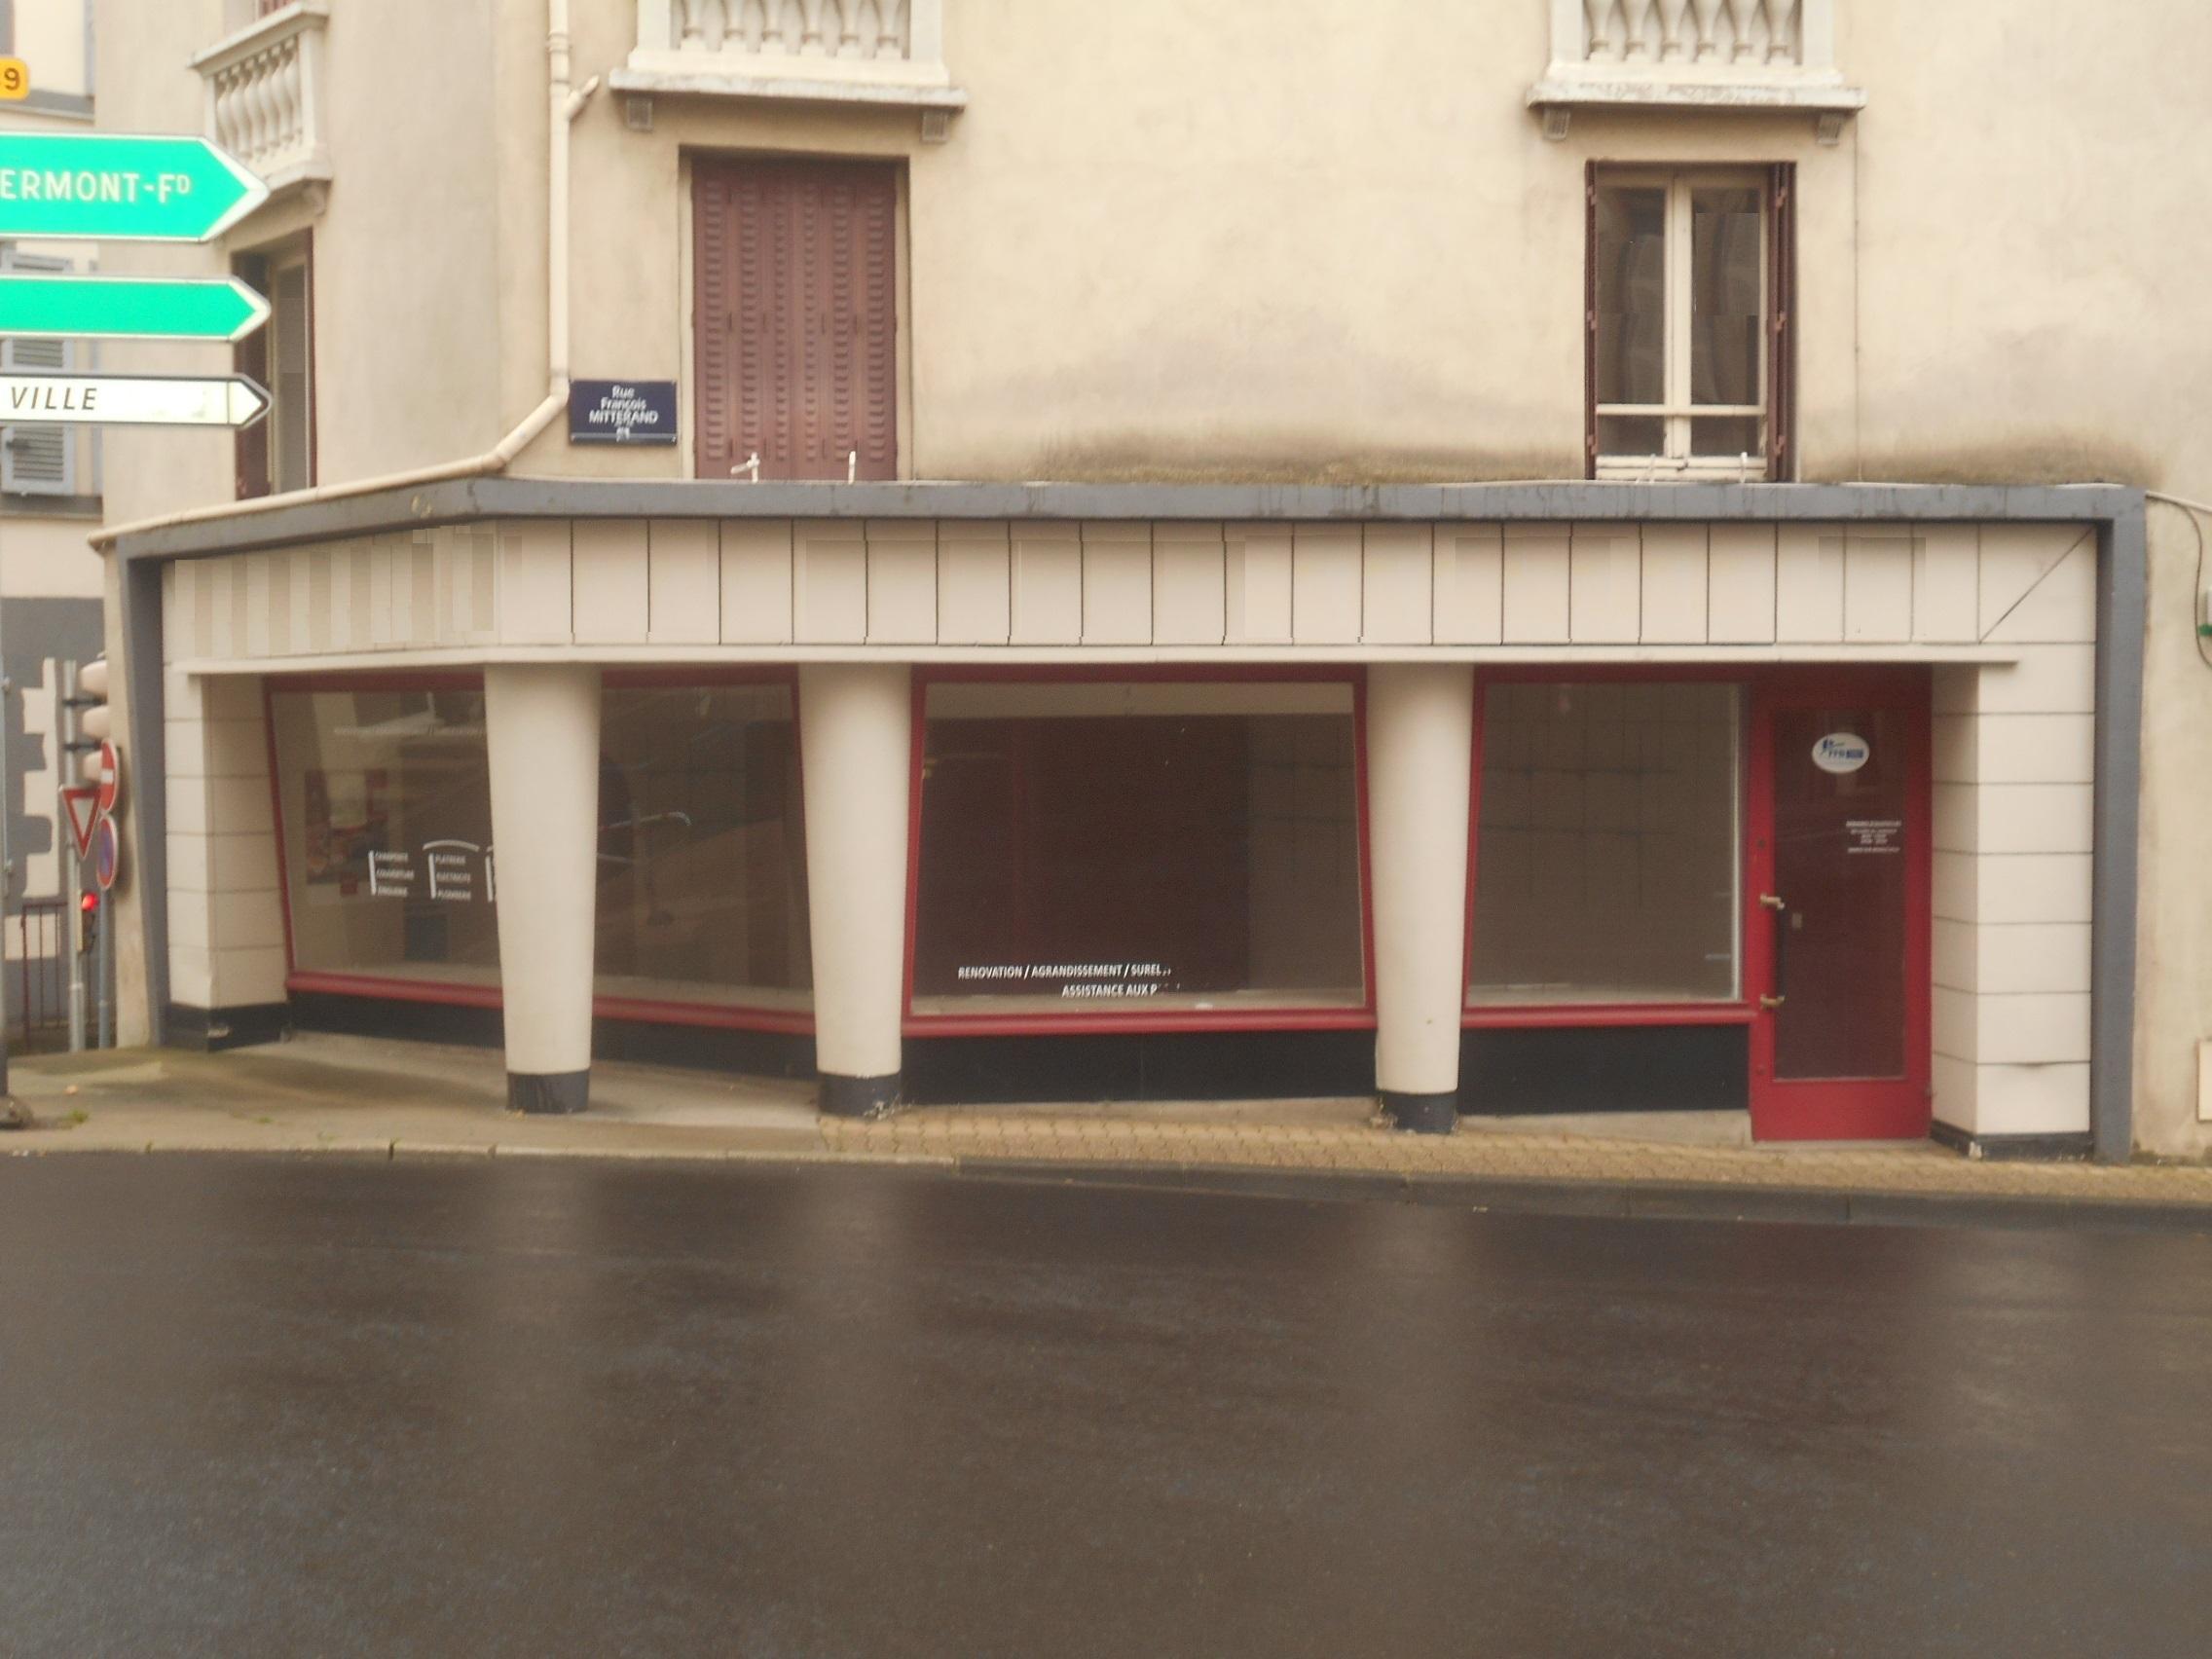 Local commercial ou bureaux / REF576